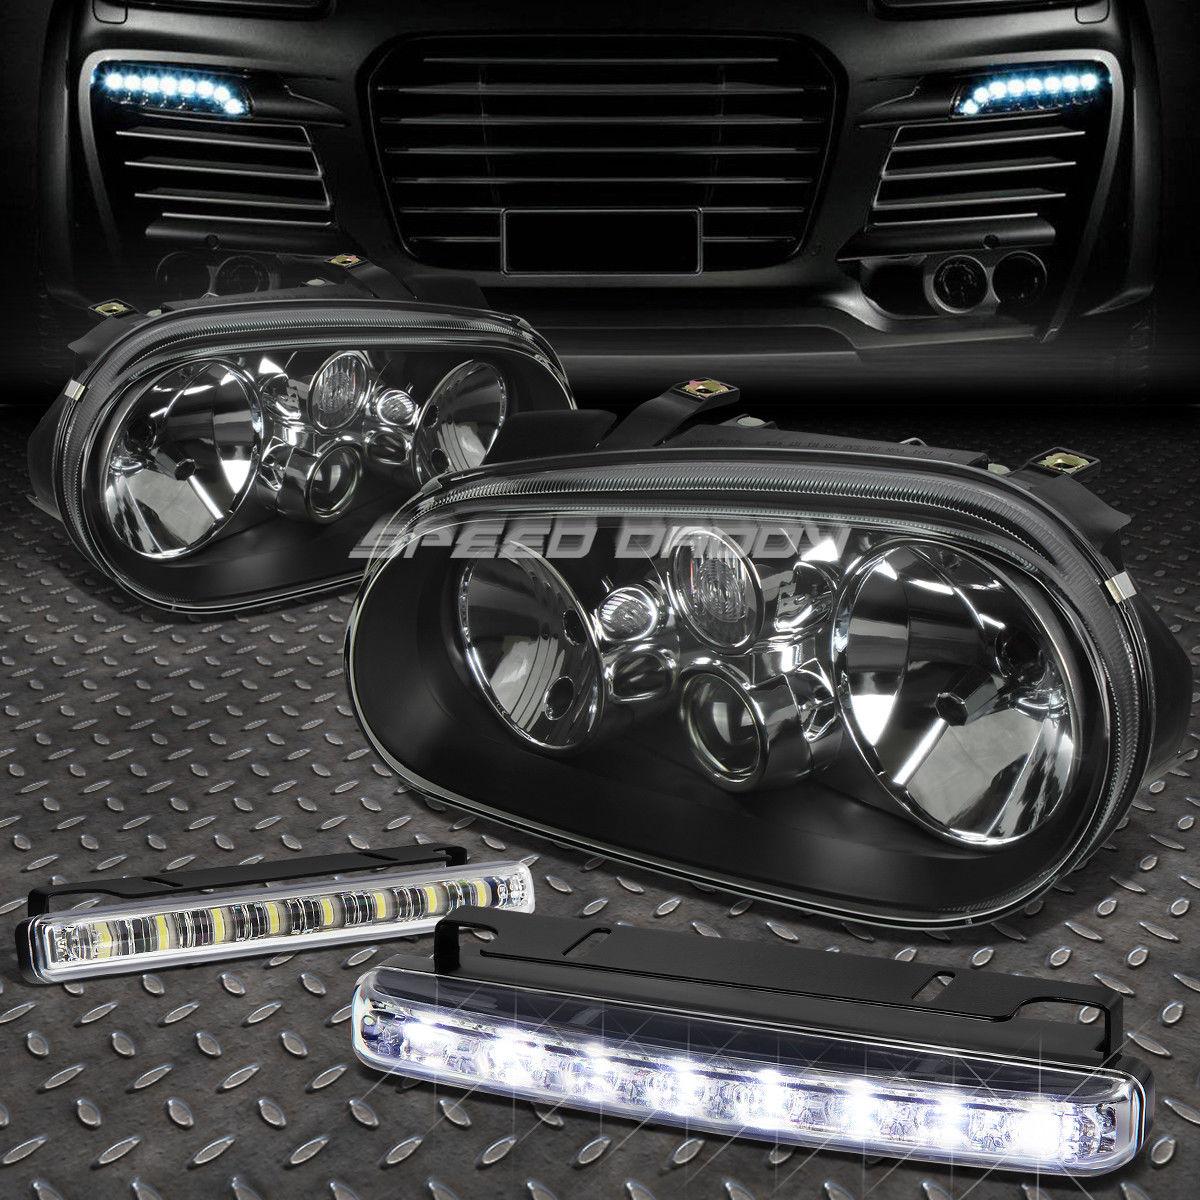 フォグライト BLACK HOUSING CLEAR LENS HEADLIGHT+8 LED GRILL FOG LIGHT FOR 99-06 GOLF MK4 BLACK HOUSINGクリアレンズヘッドライト+ 99-06ゴルフMK4用8 LEDグリルフォグライト